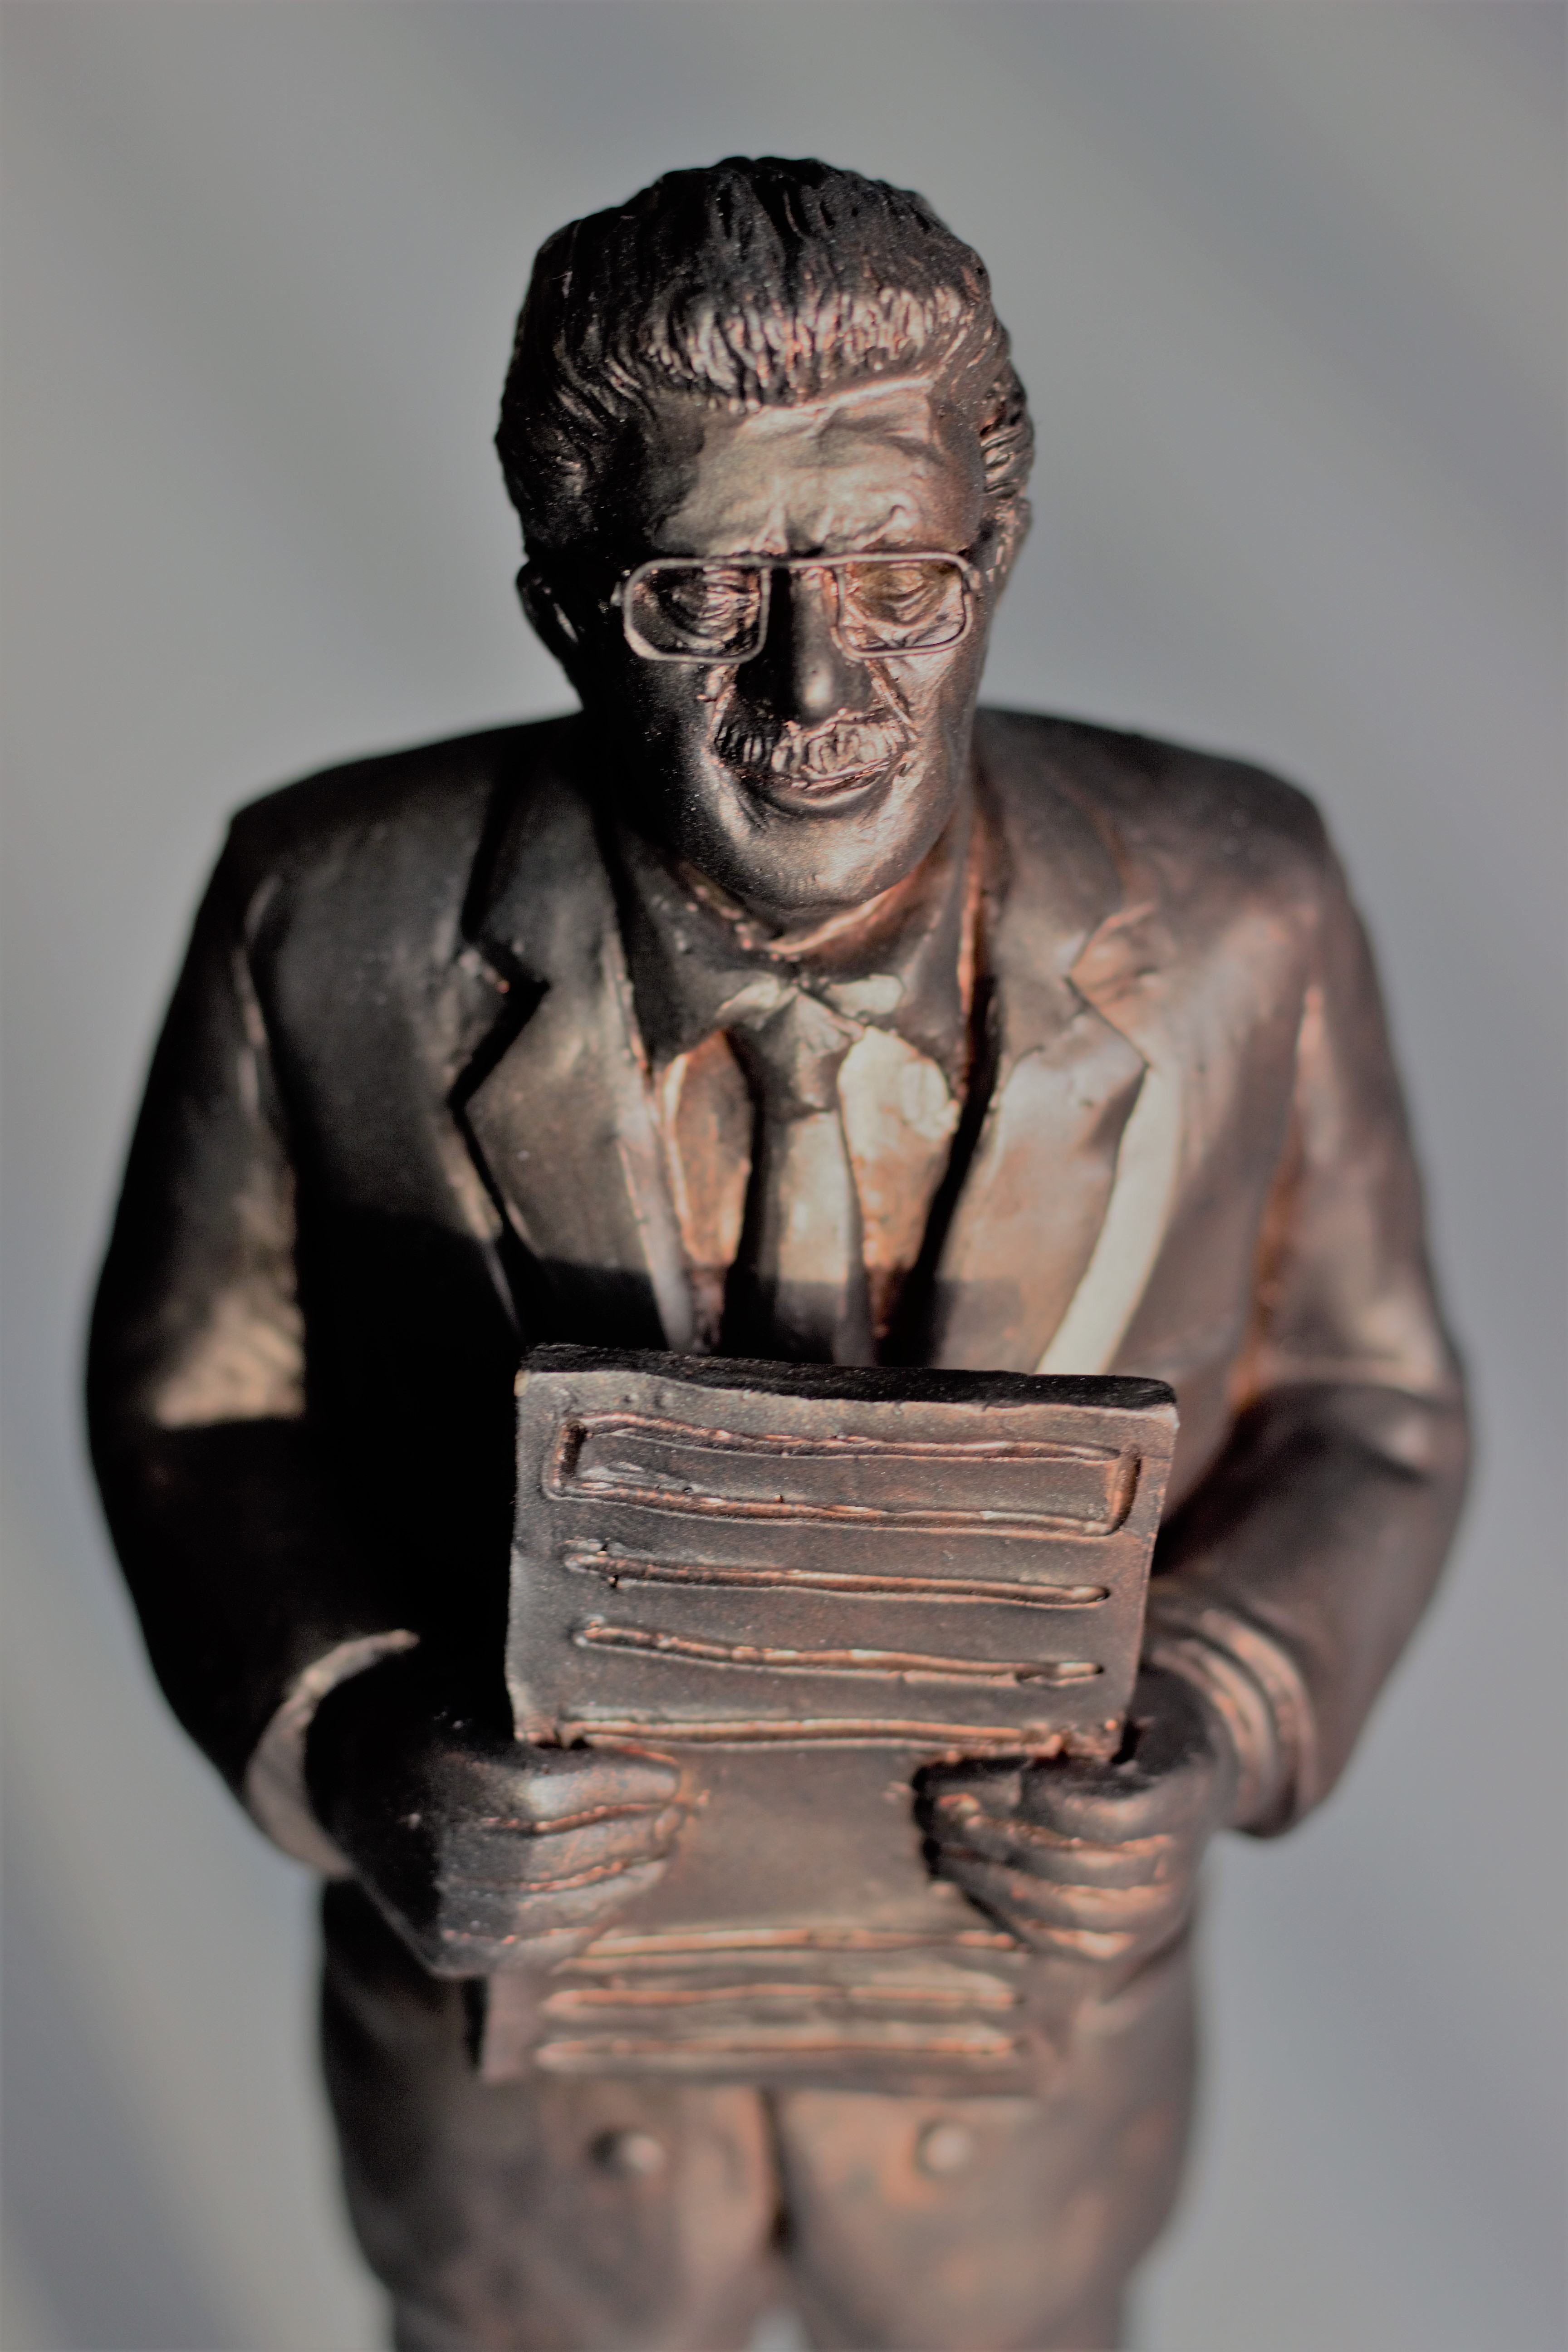 Presentamos Escultura de Premio FGMLL a la Trayectoria Periodística